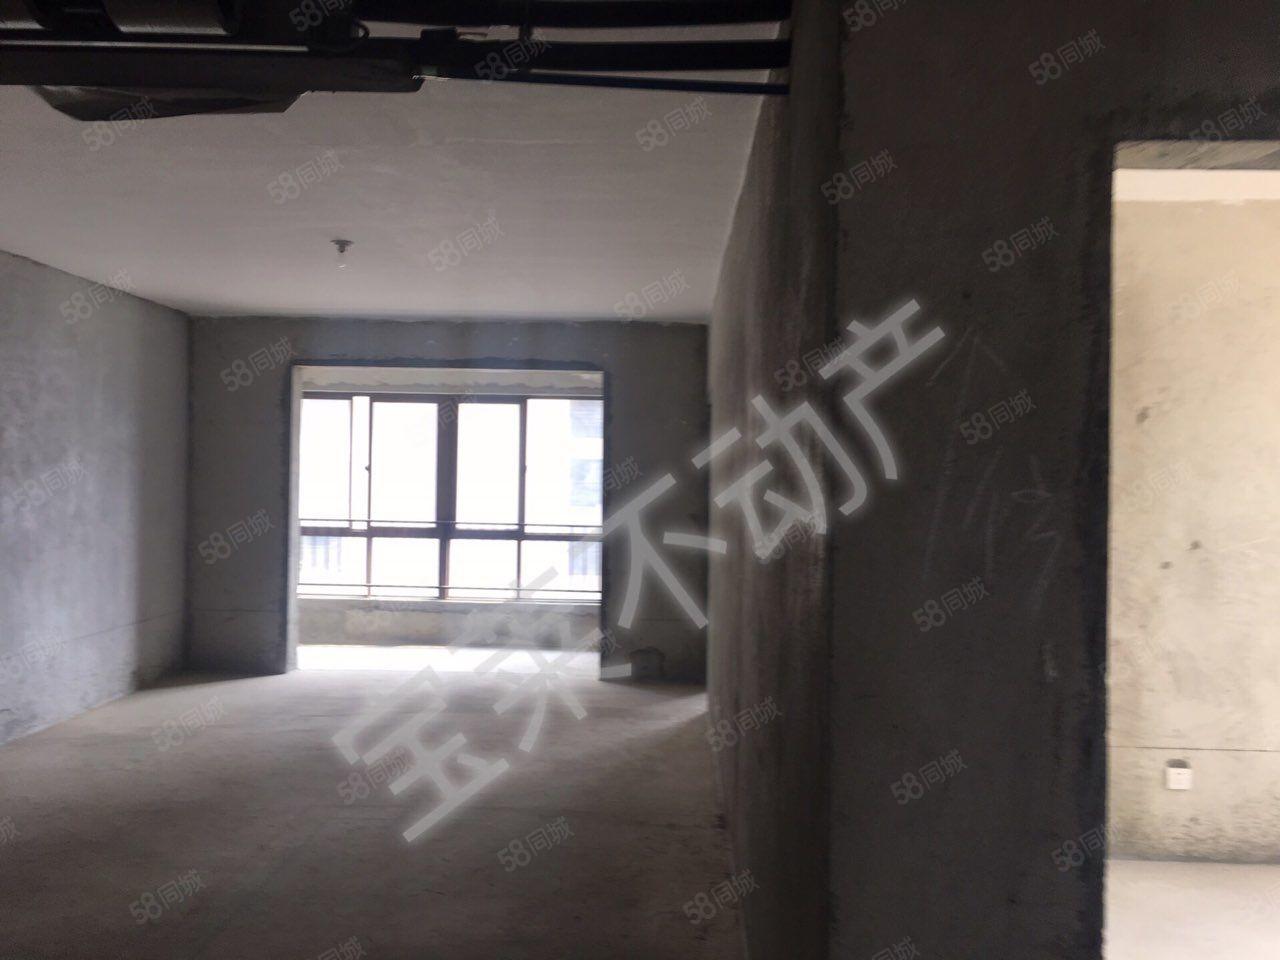 汉水名城紫薇公馆3室2厅2卫毛坯可按揭中央空调已经装好南北向